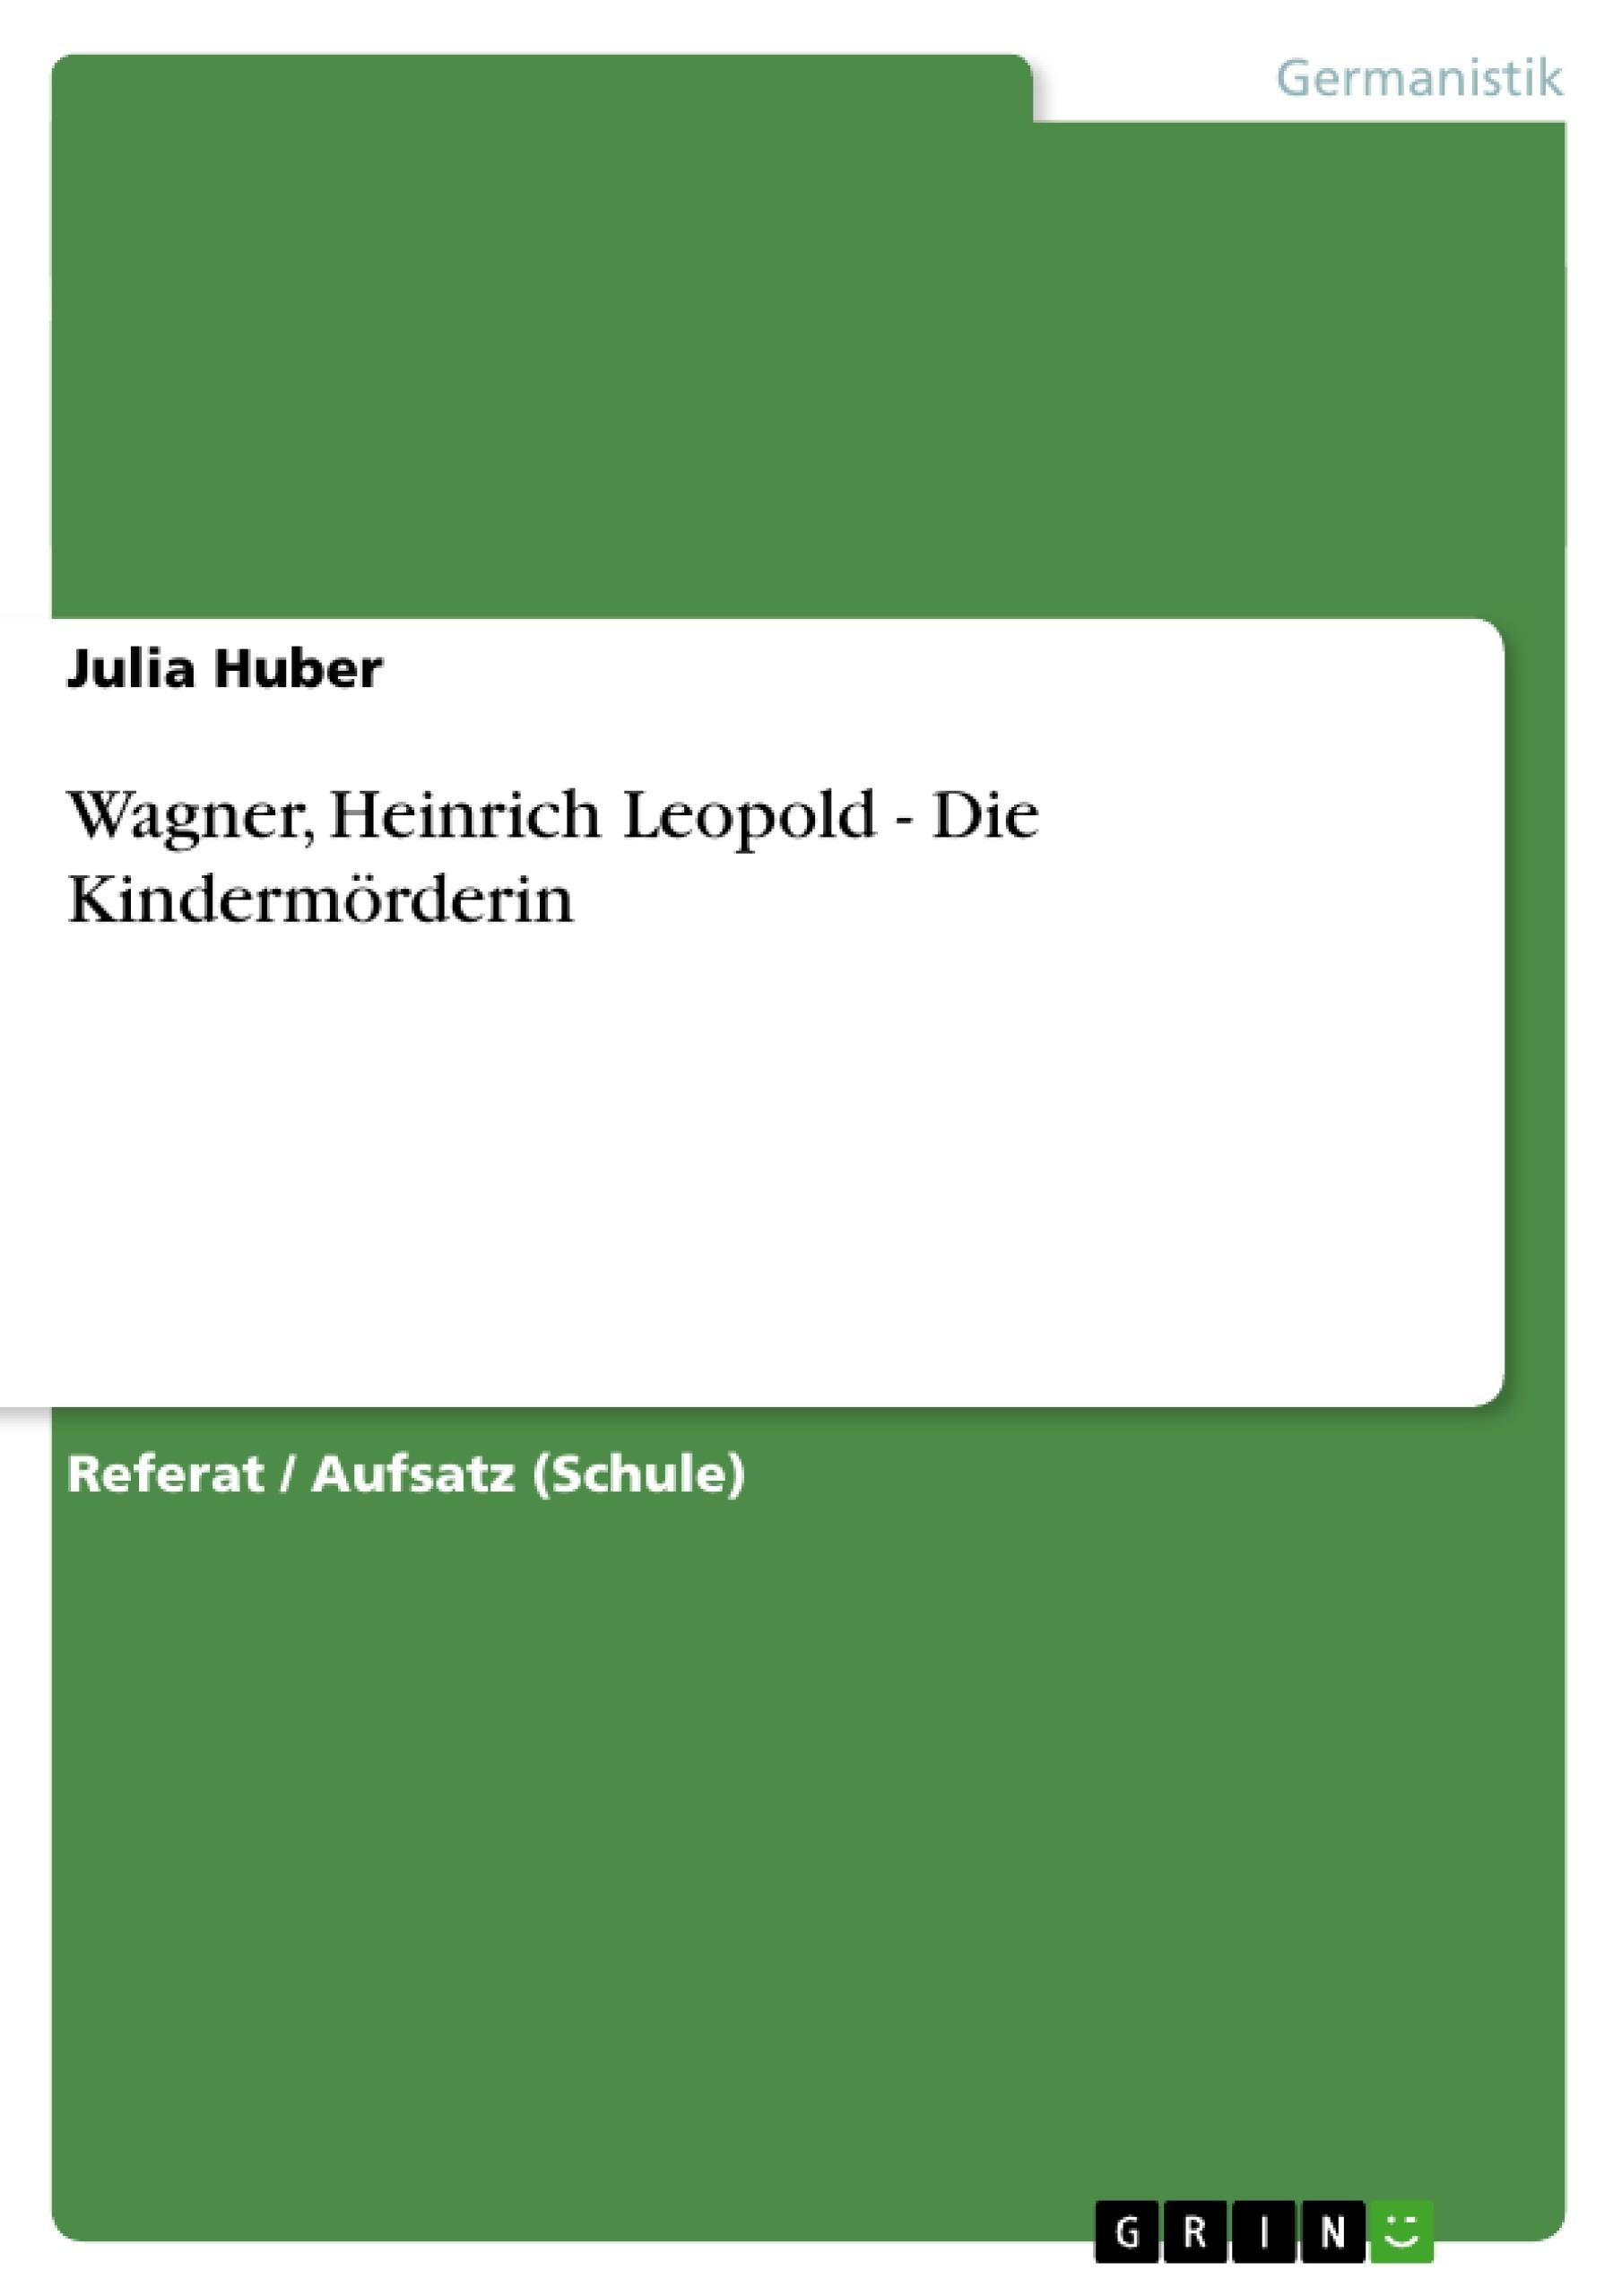 Titel: Wagner, Heinrich Leopold - Die Kindermörderin